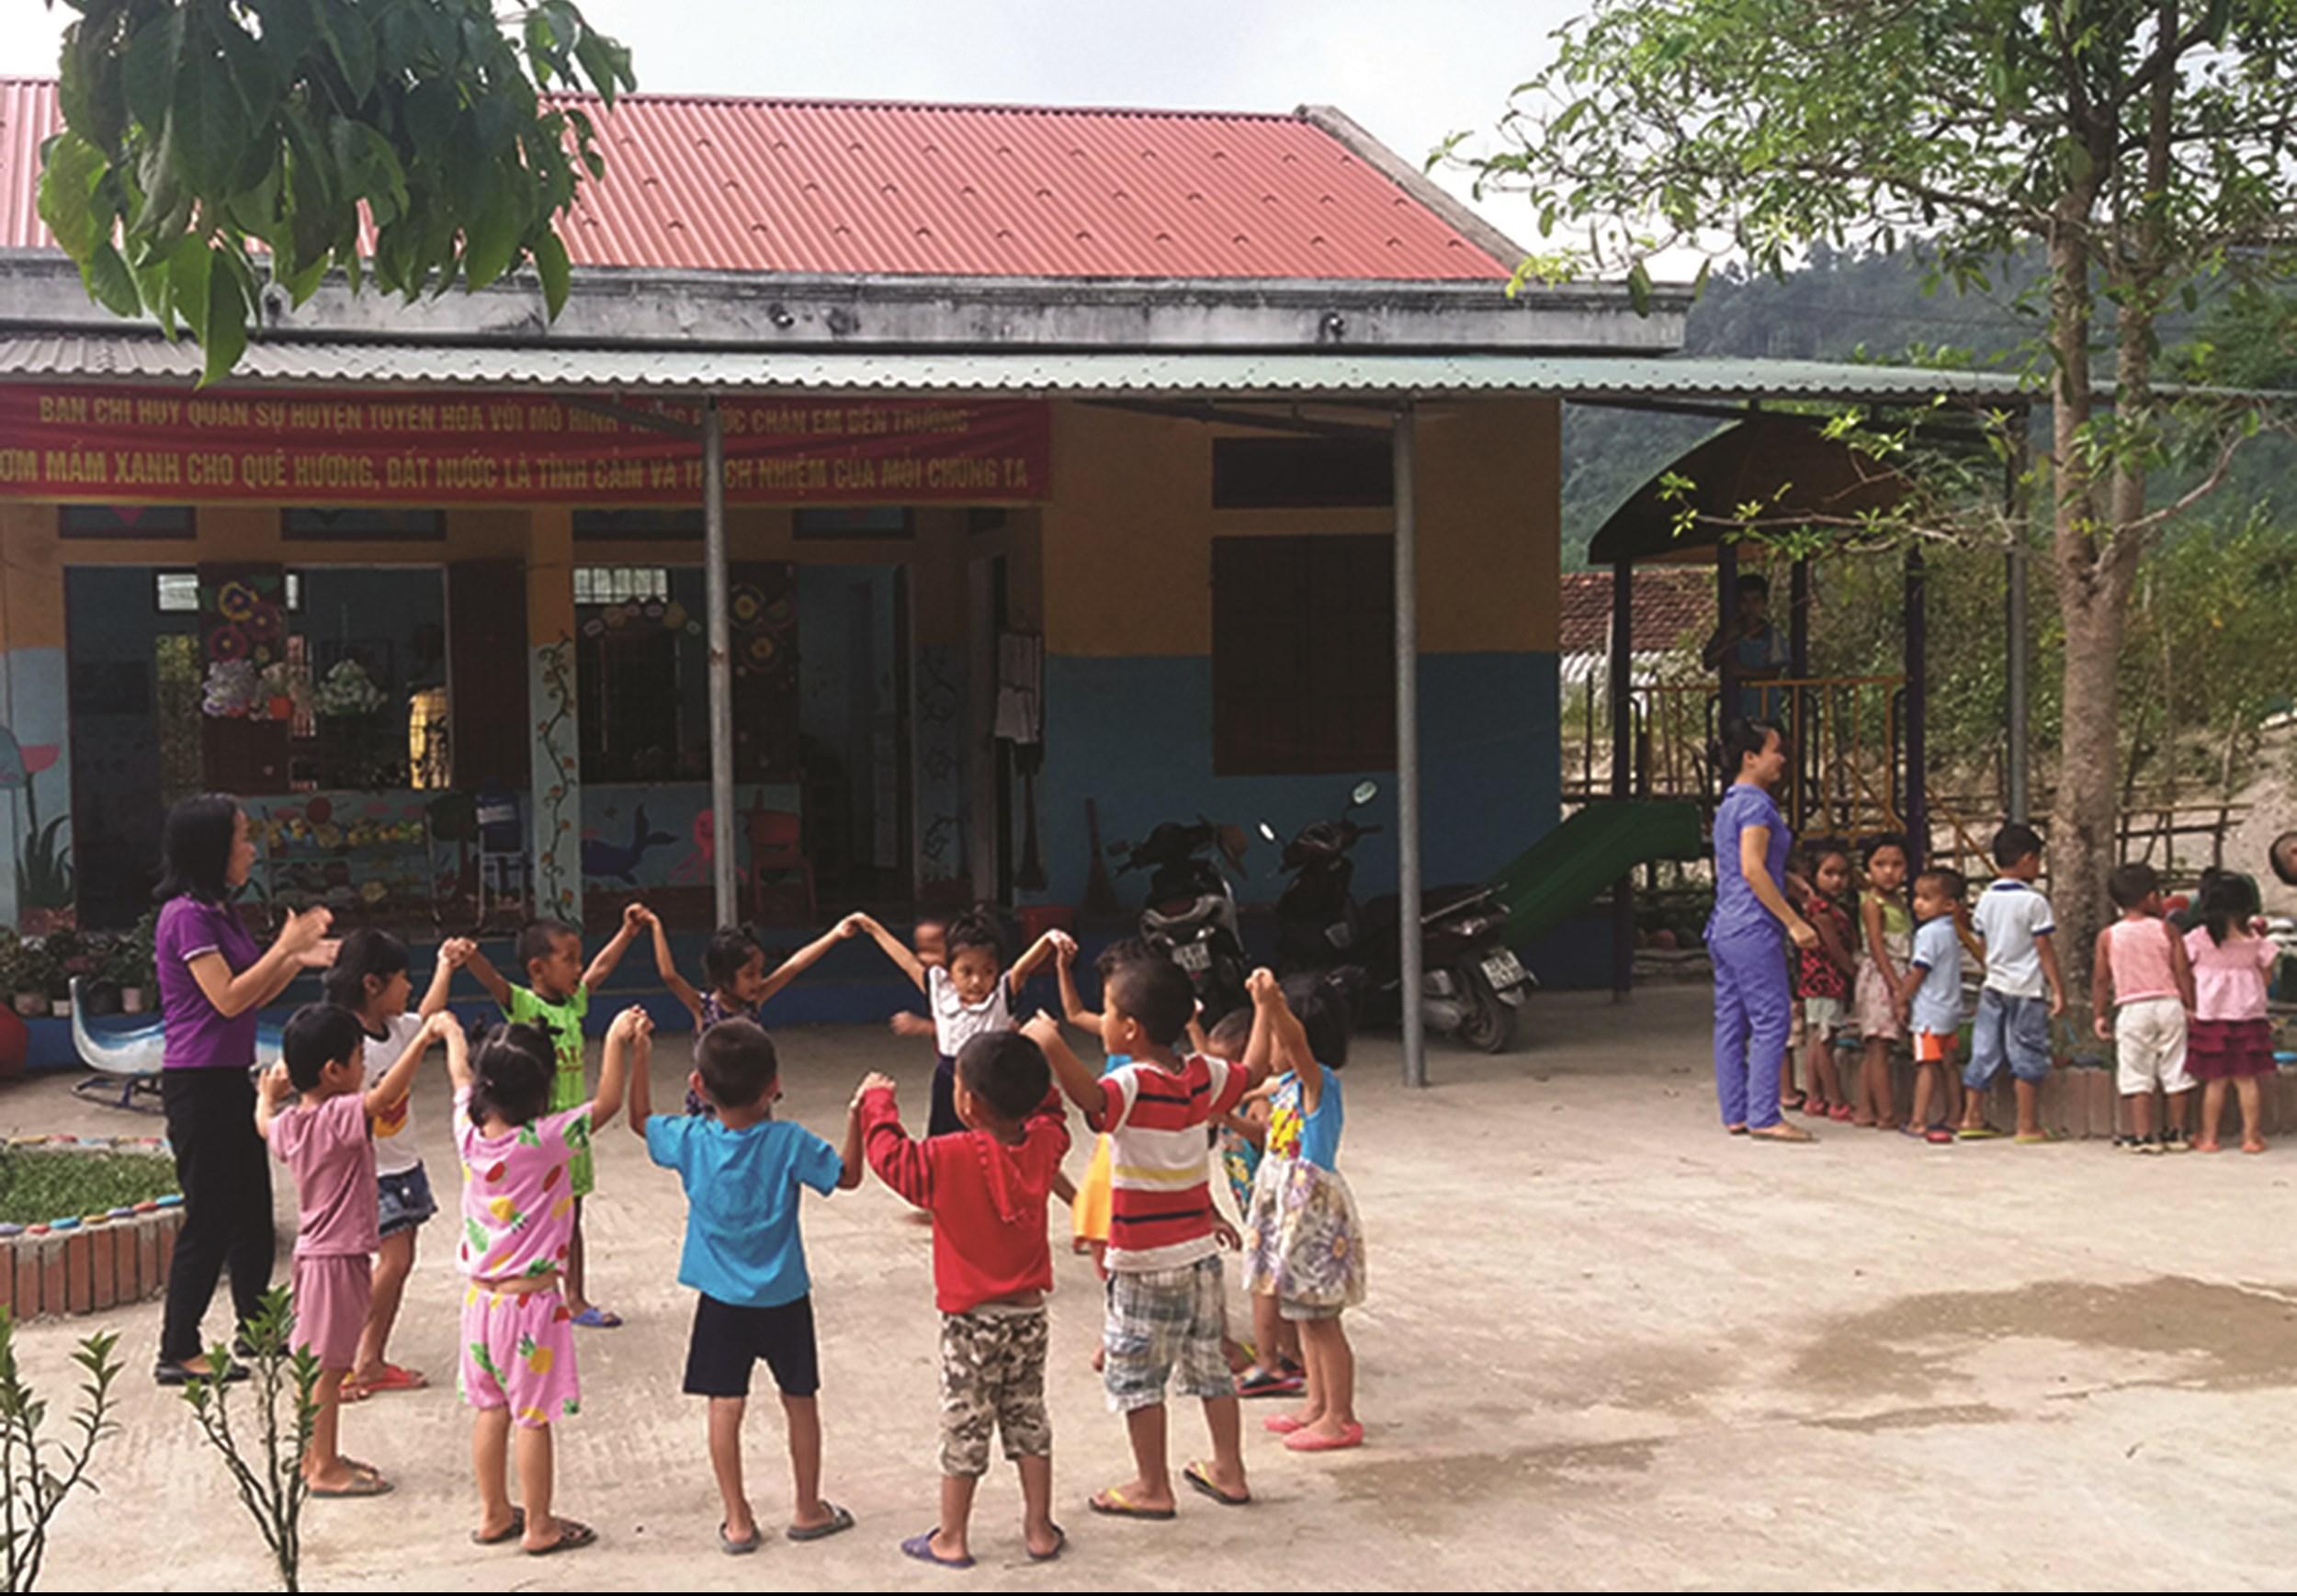 Lớp học mầm non của con em người Mã Liềng, bản Chuối, xã Lâm Hóa, huyện Tuyên Hóa. (Ảnh tư liệu)